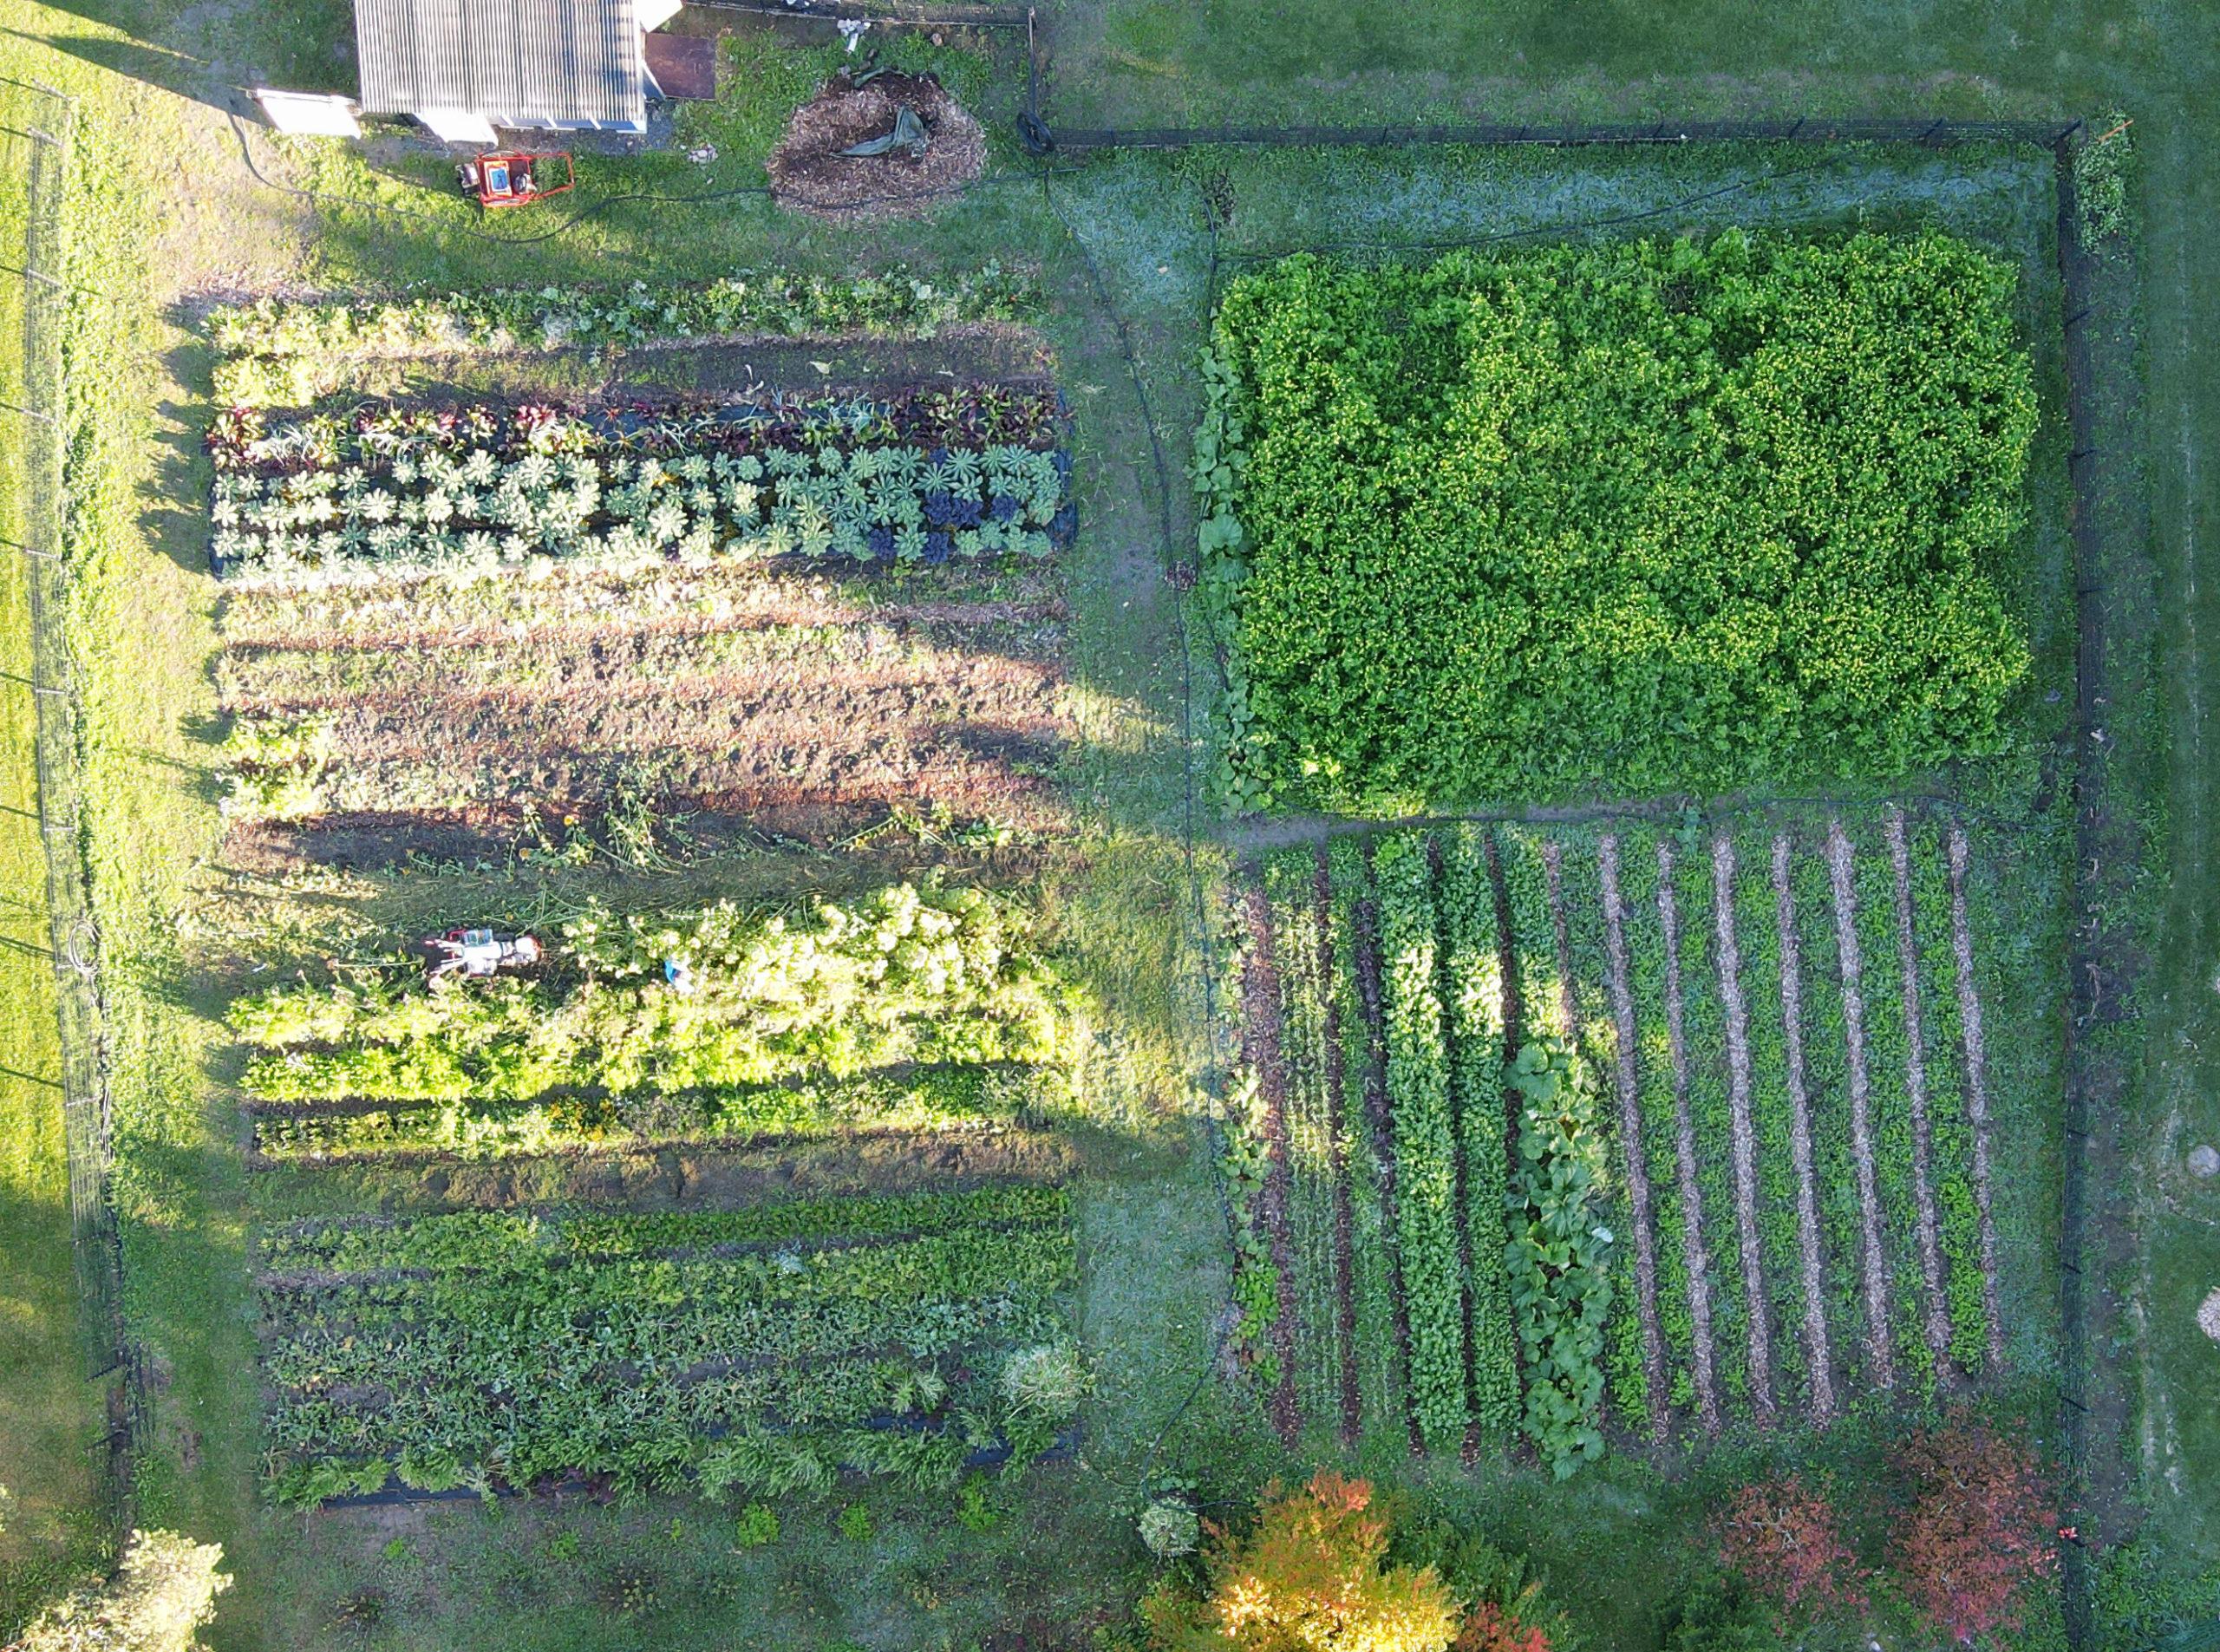 ilmakuva vehreästä puutarhasta, penkkiviljelmästä